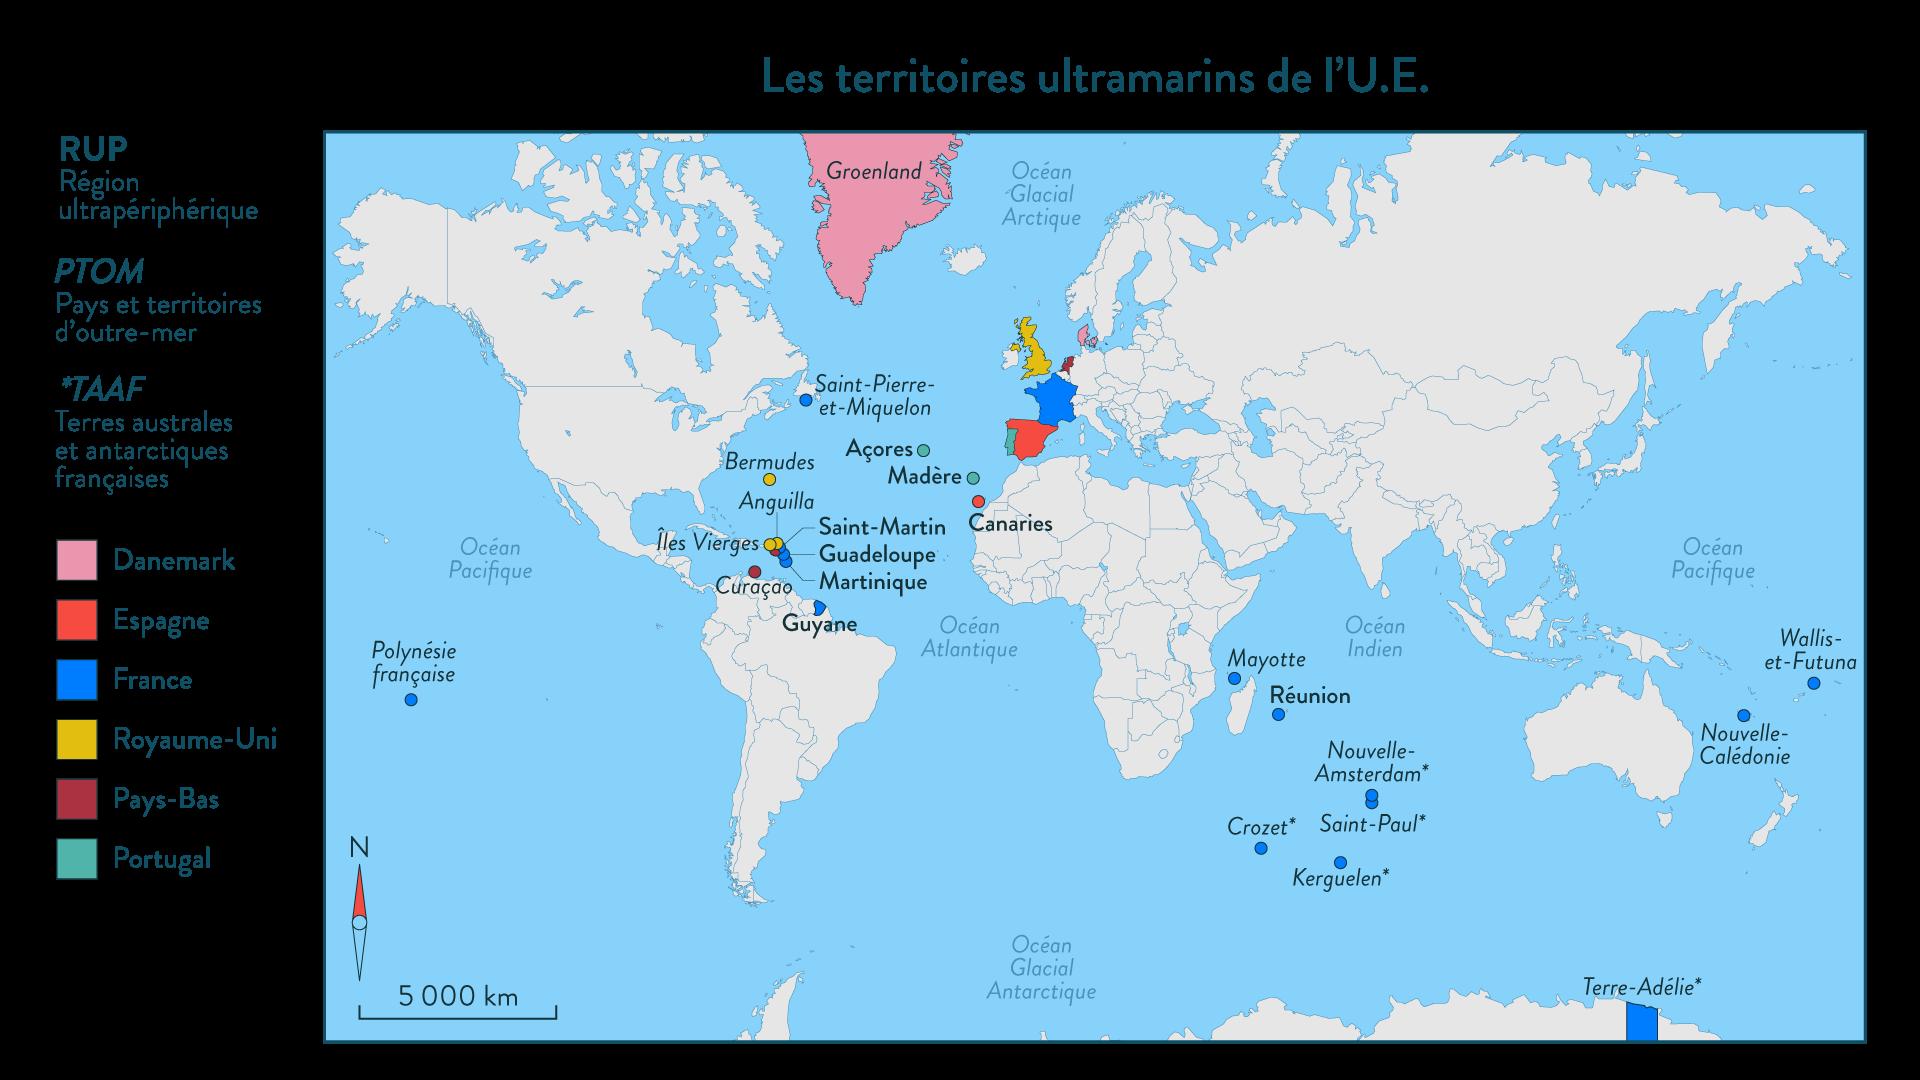 Les territoires ultramarins de l'U.E.